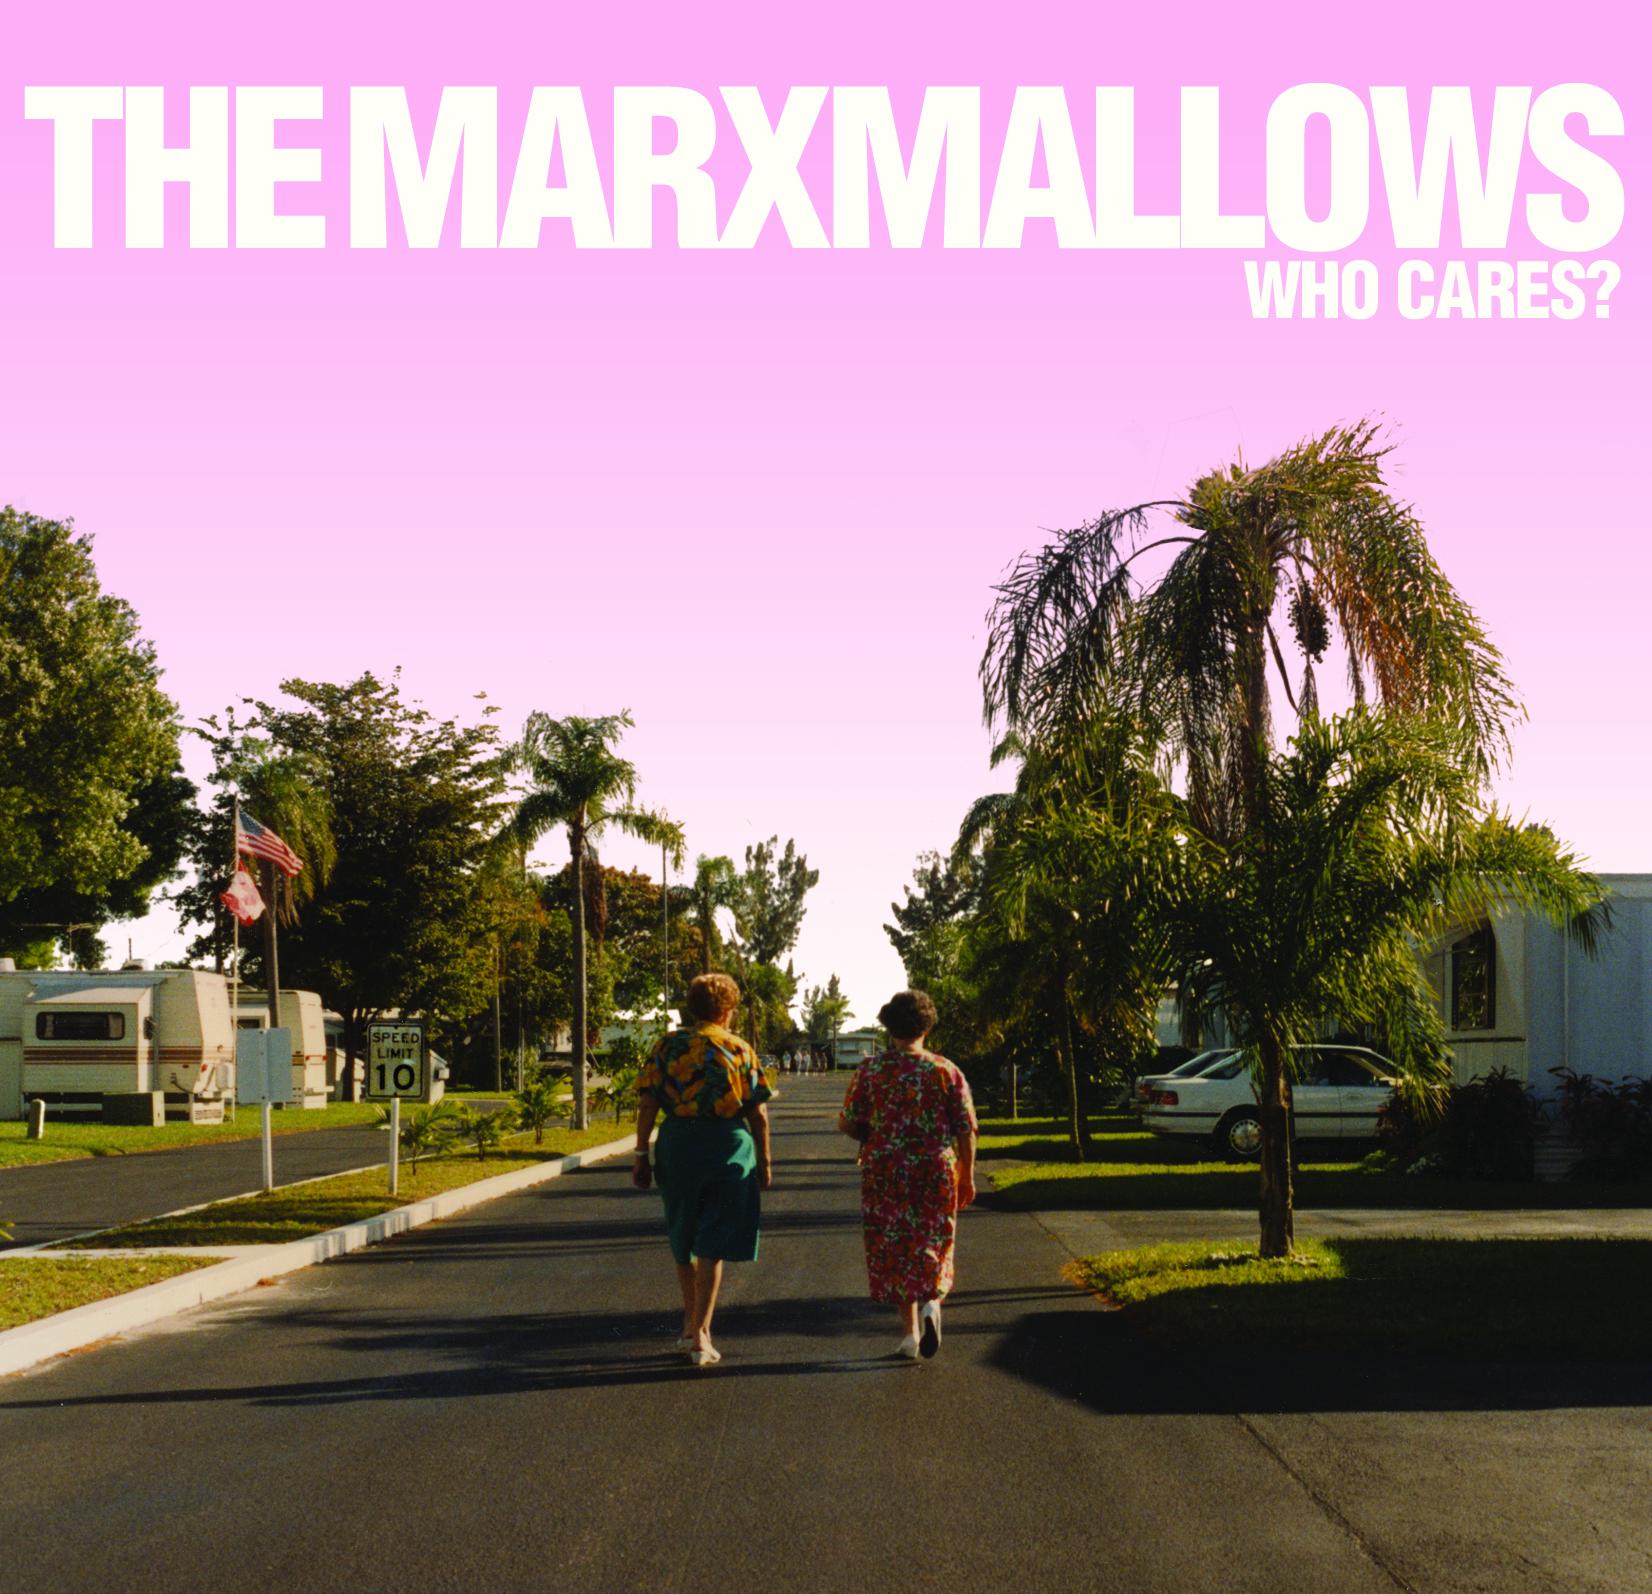 The Marxmallows - who cares ?